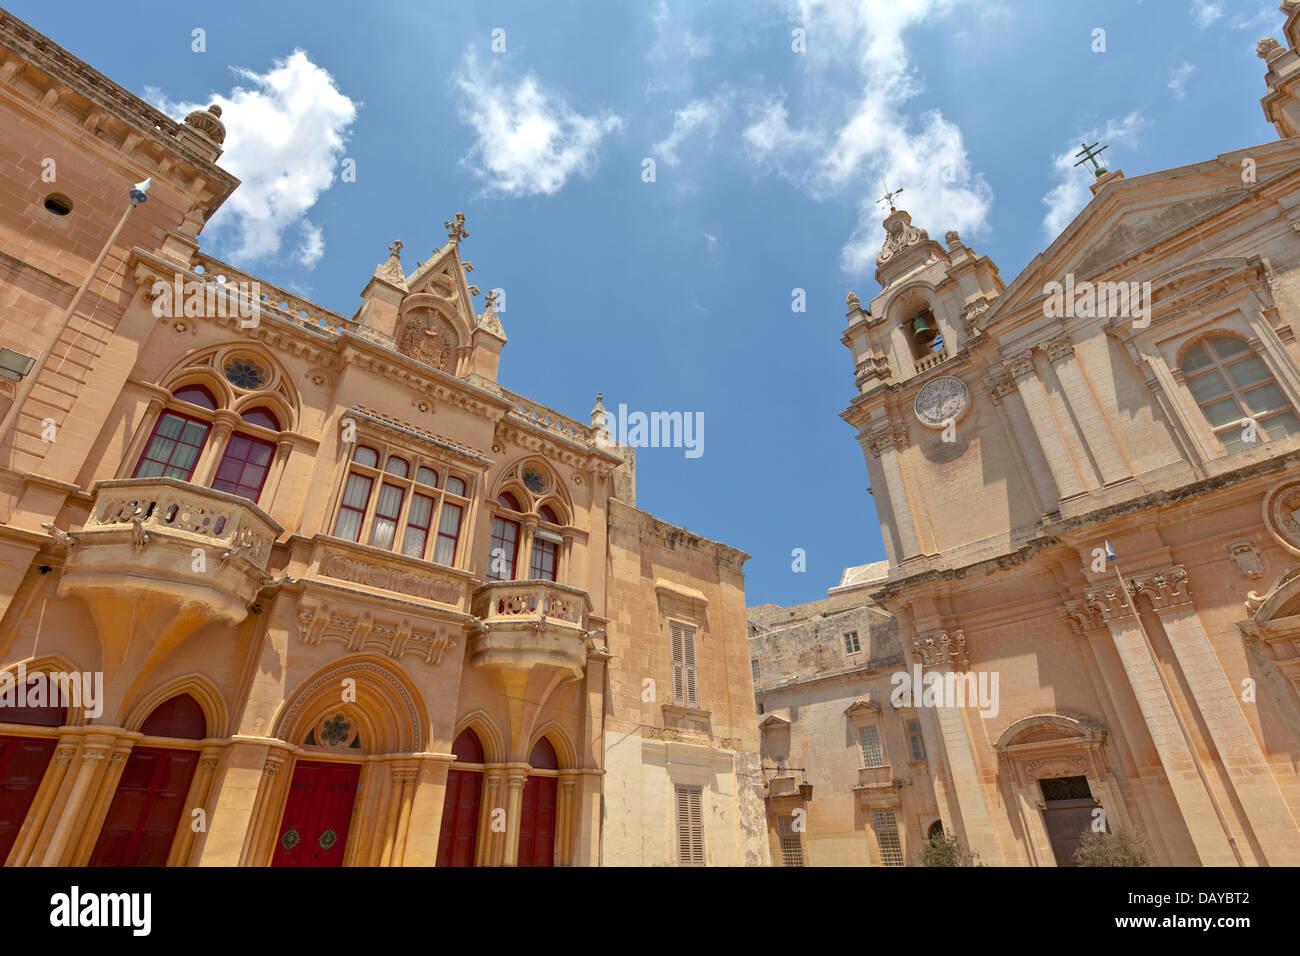 En la elegante arquitectura, la ciudad amurallada de Mdina (La ciudad del Silencio), Malta. Imagen De Stock